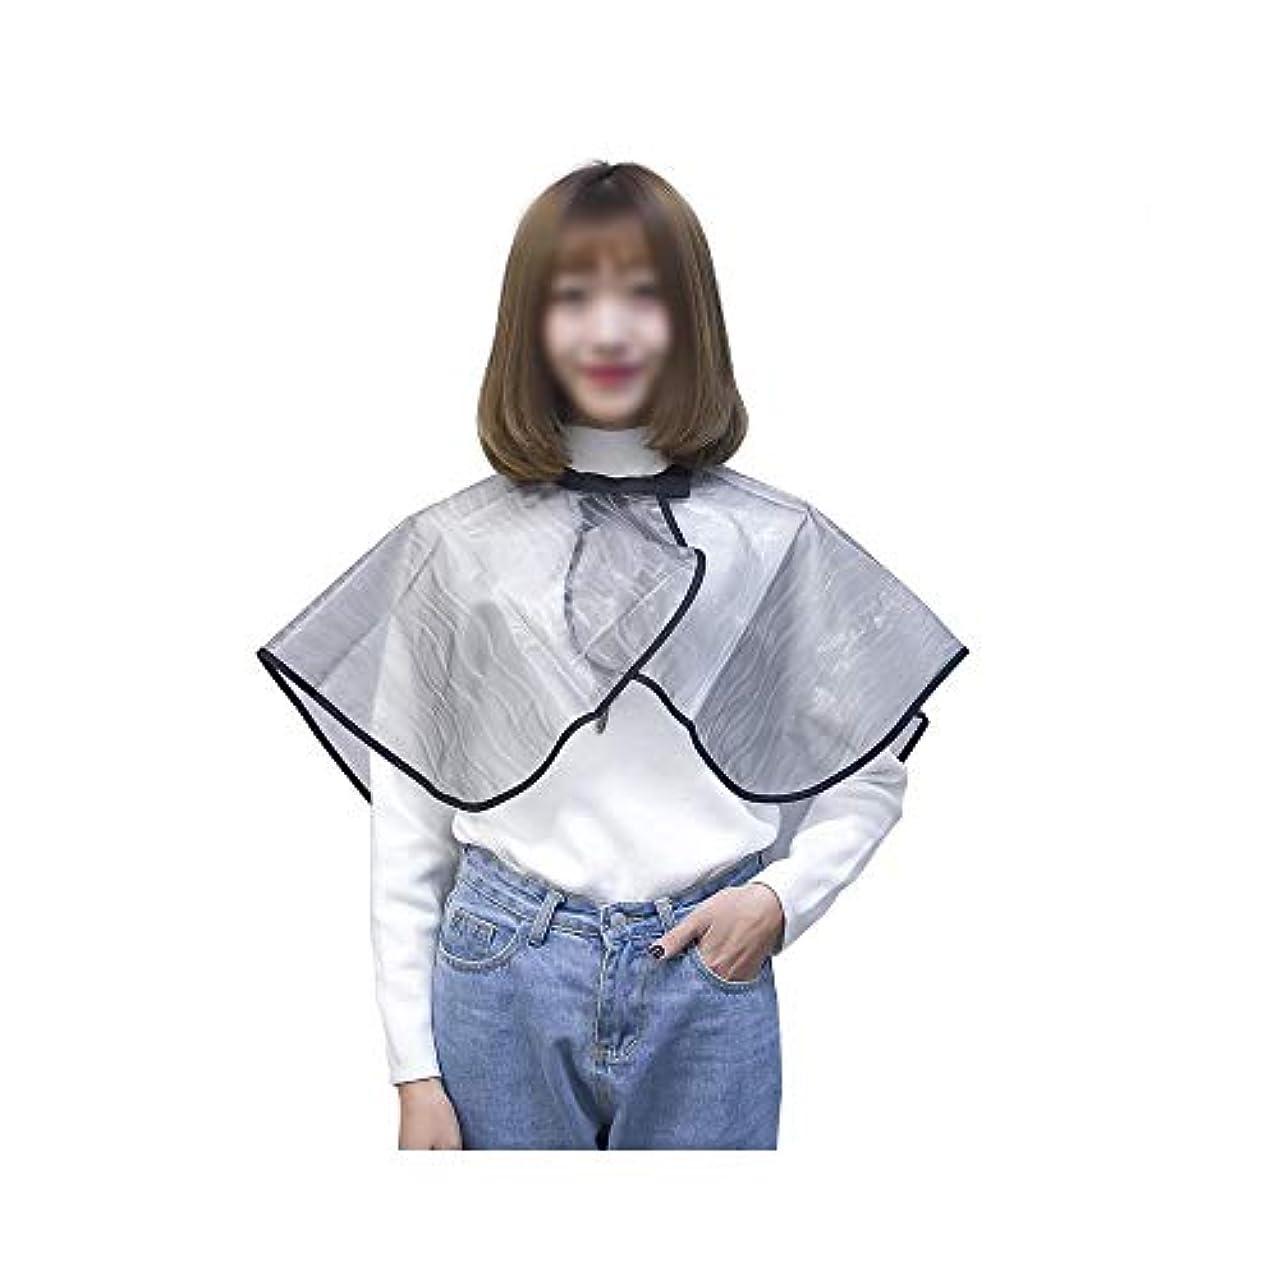 プログラムポインタ請求Lucy Day 透明な毛の切断のマントの傘の岬の大広間の理髪師の襟